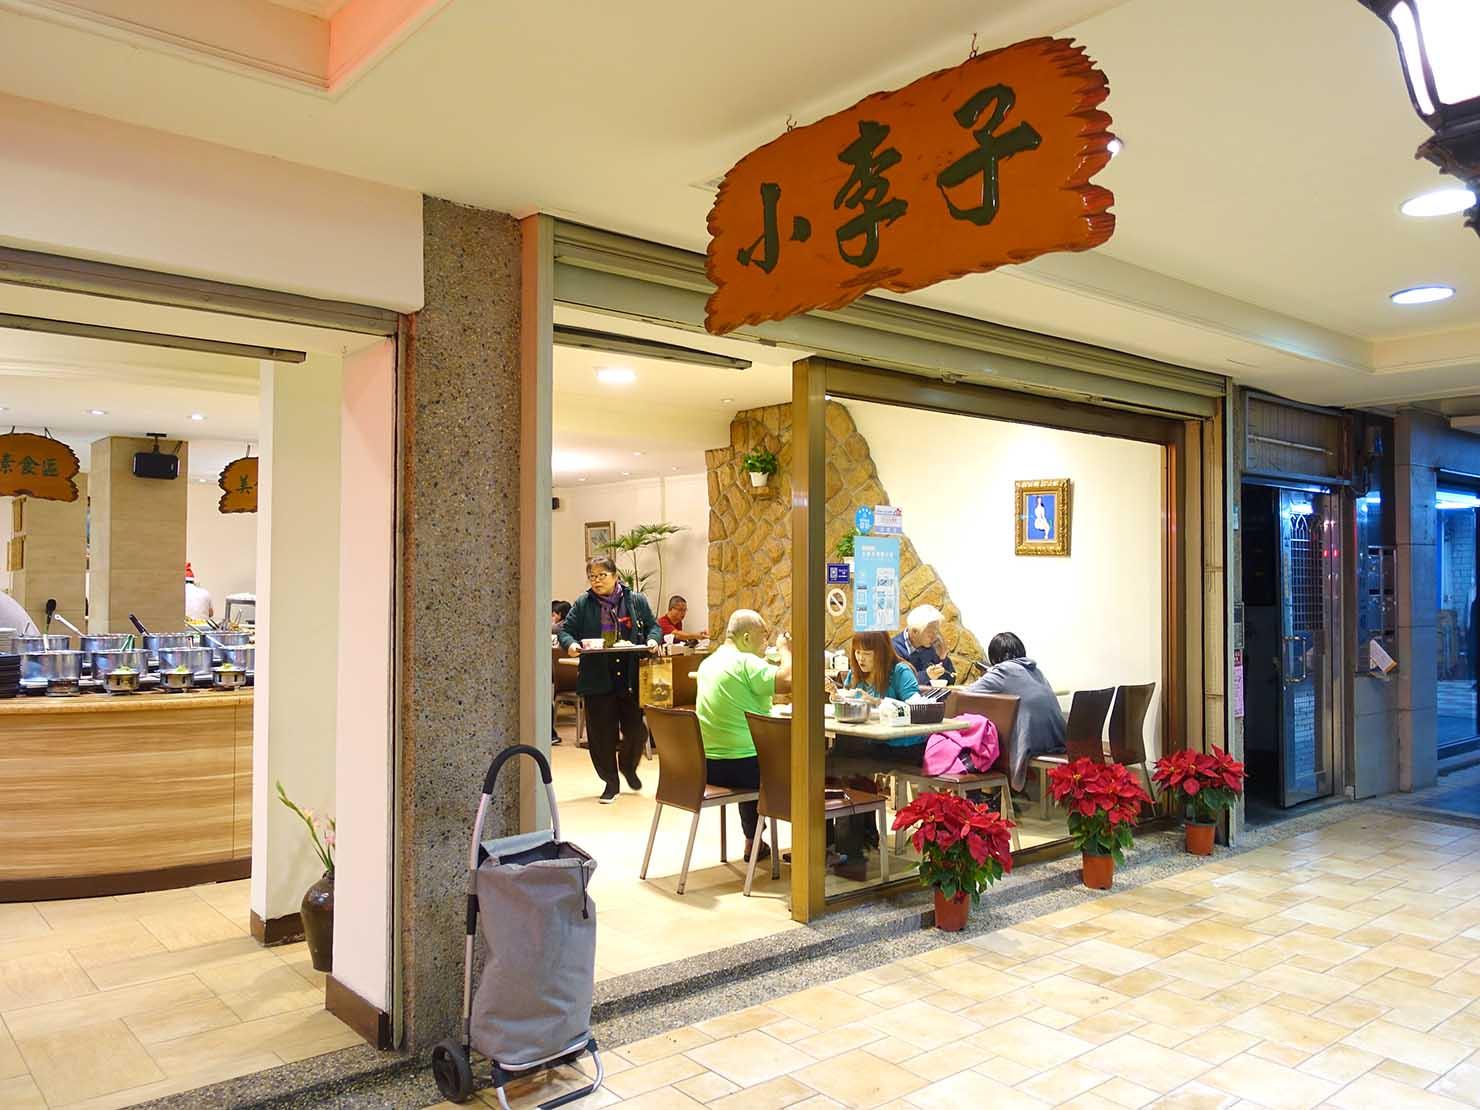 台北・清粥街(お粥街)にある「小李子清粥小菜」のエントランス